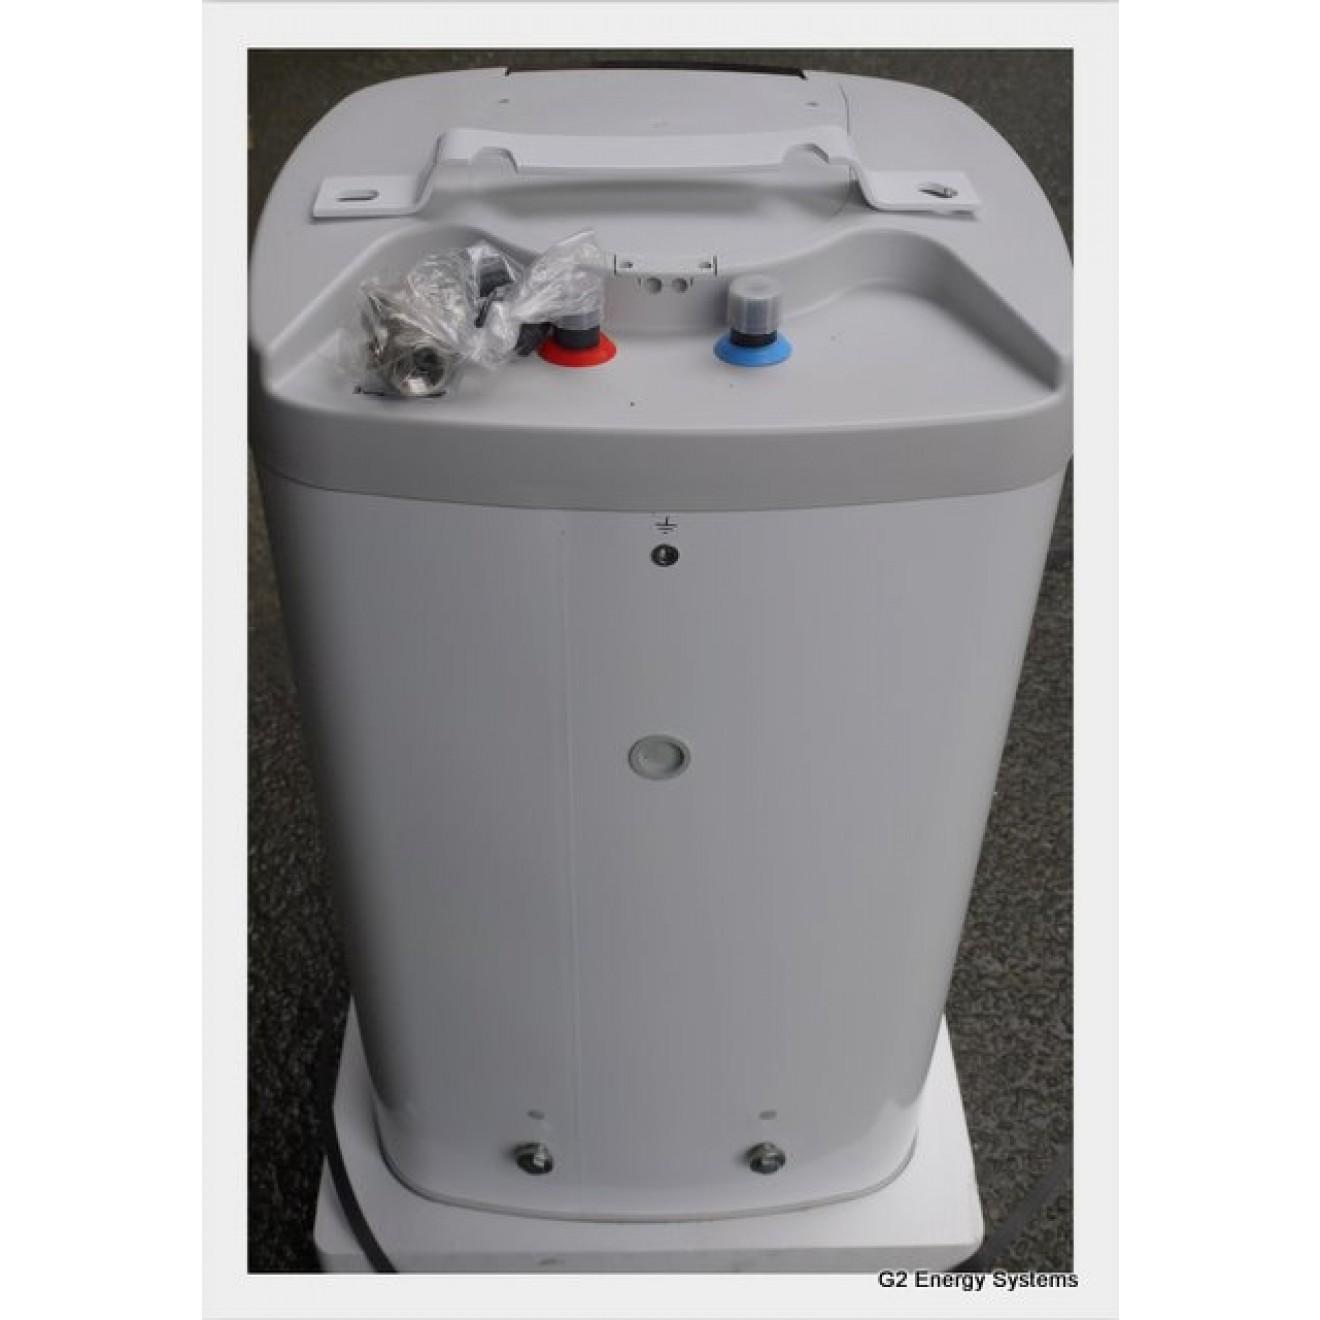 80 160 liter elektrische warmwasserspeicher wandh ngend mit 4kw leistung g2 energy systems. Black Bedroom Furniture Sets. Home Design Ideas